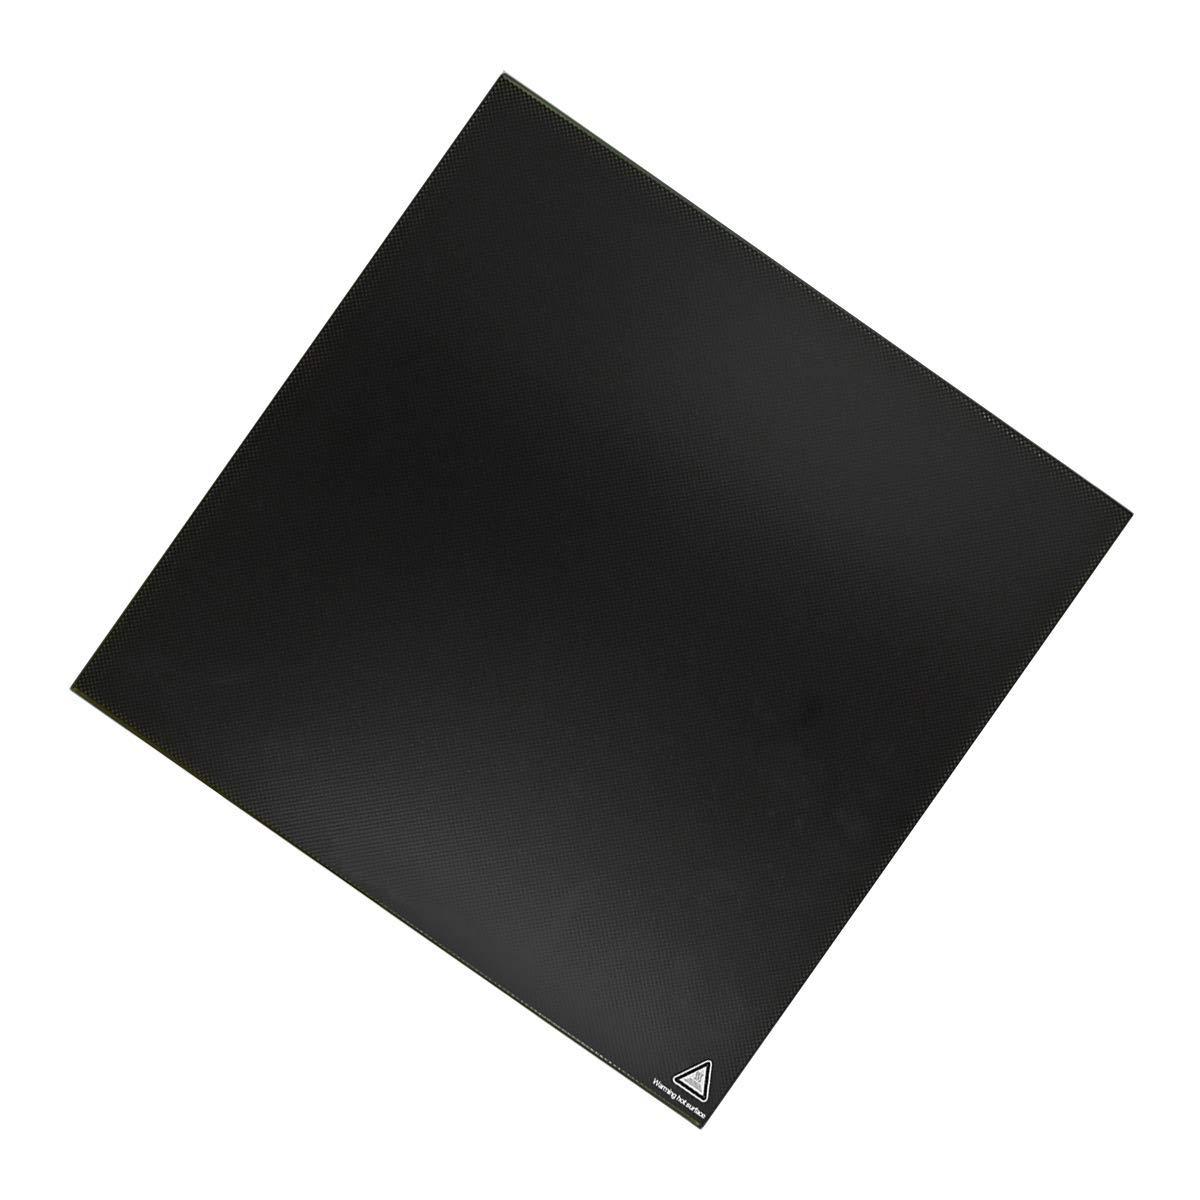 Wisamic Cama de vidrio para impresoras 3D - 235 * 235 * 3mm Cama ...